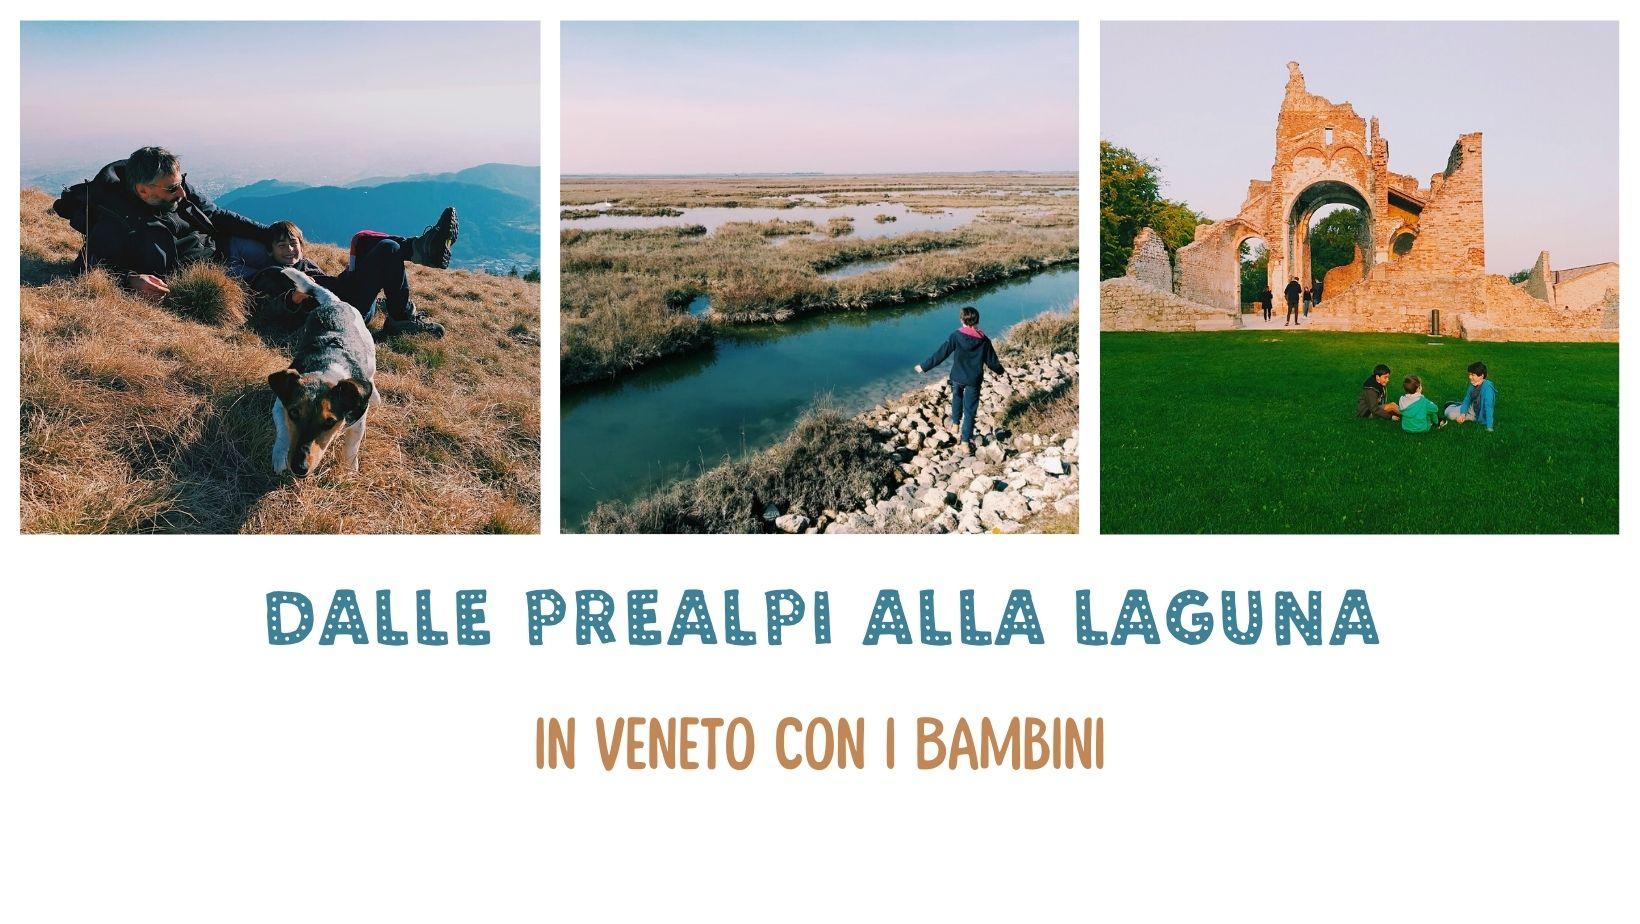 Veneto passeggiate bambini Dalle Prealpi alla laguna